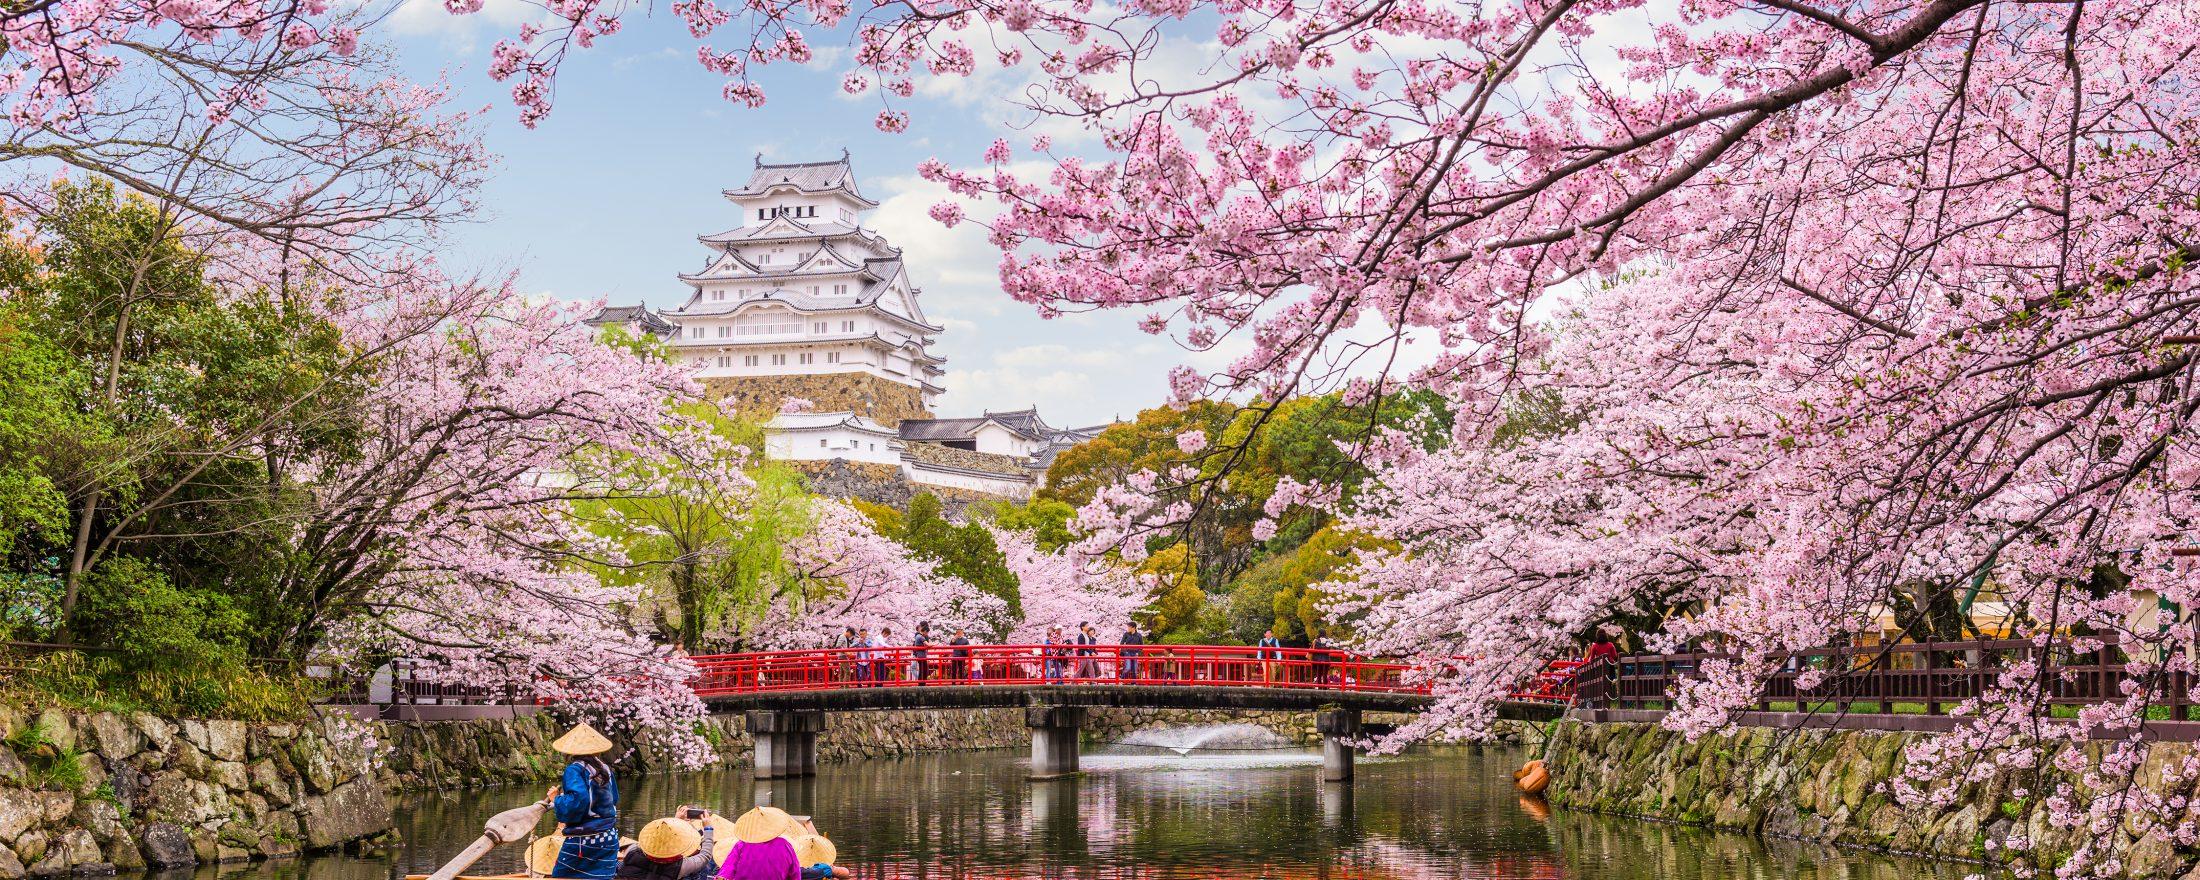 Nhật và hoa anh đào rất đẹp